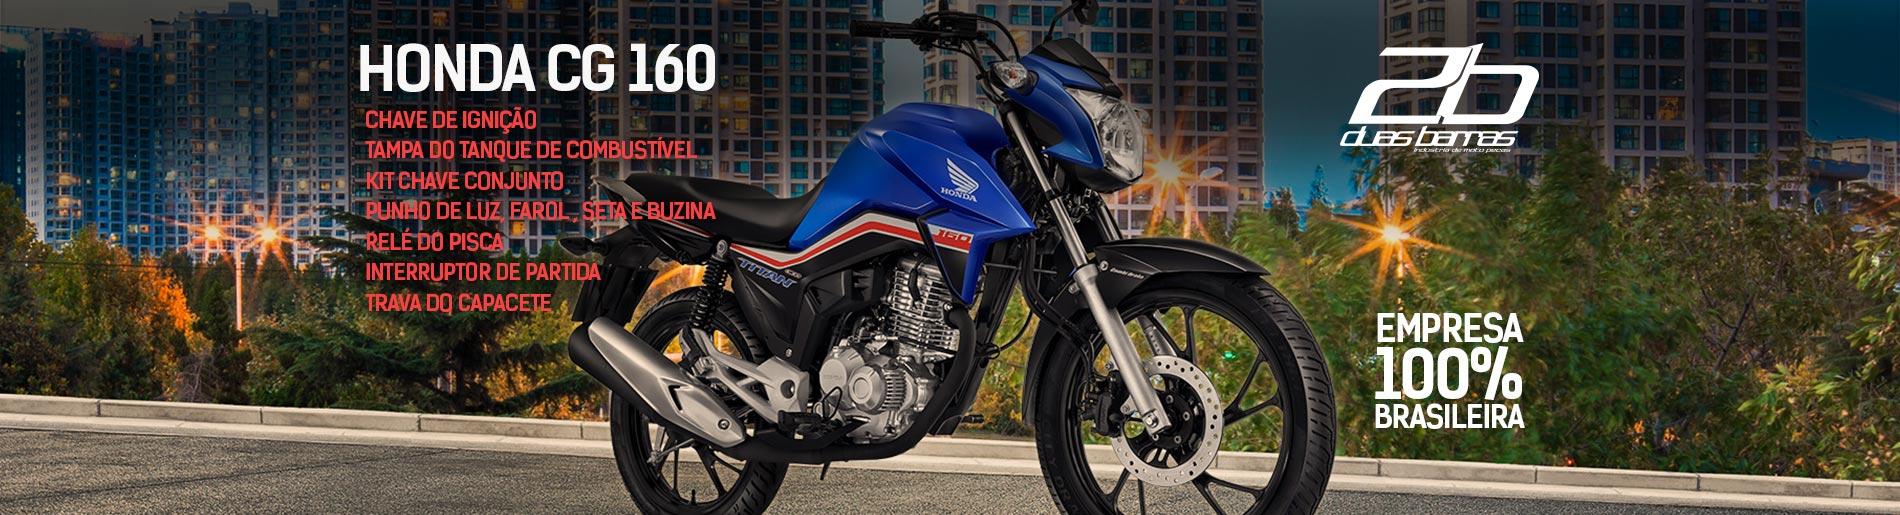 4e9e9701583b0 Duas Barras indústria de Moto Peças